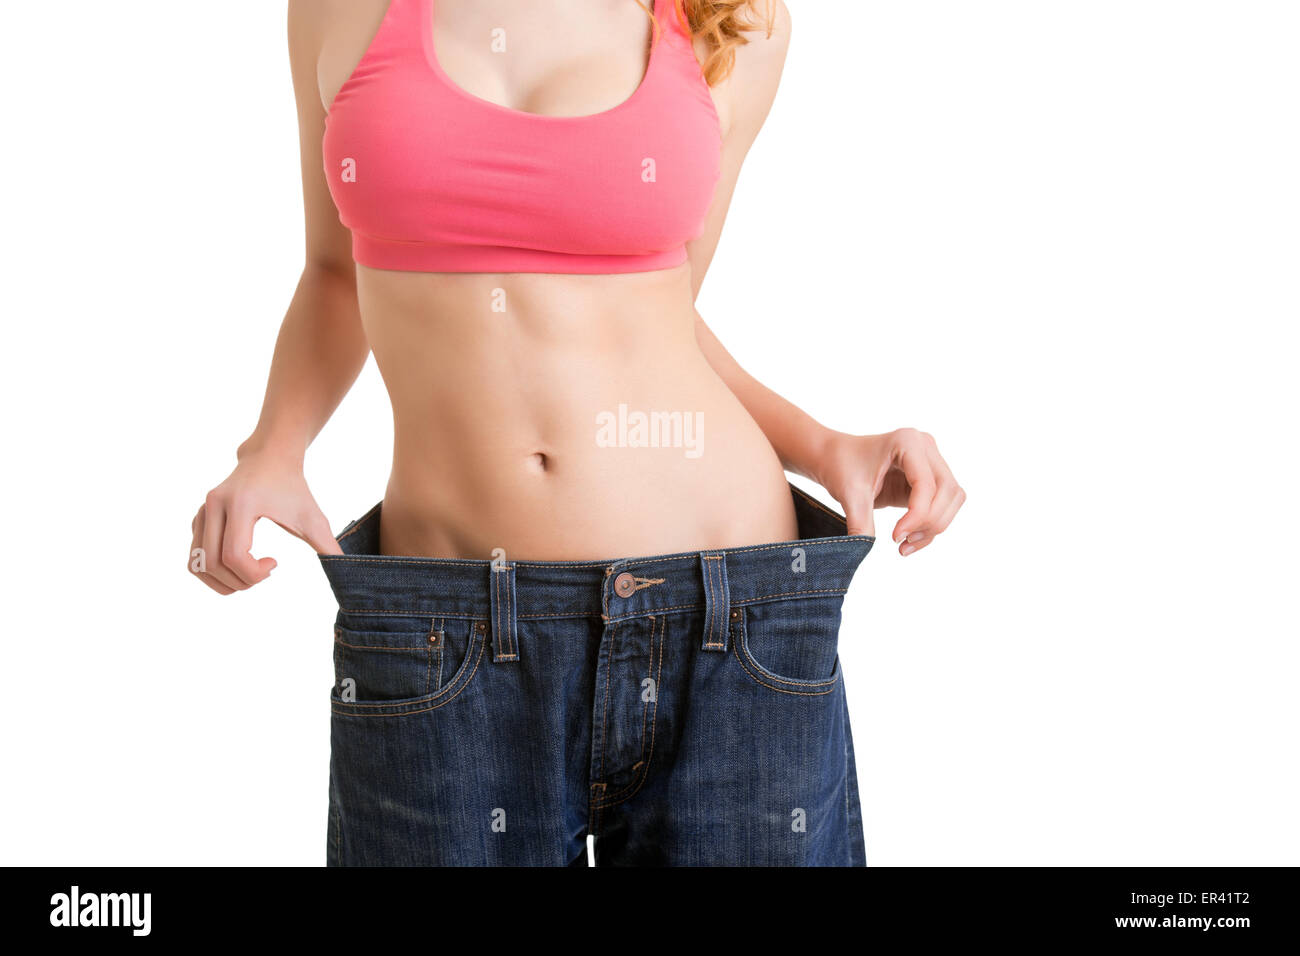 Mujer a ver los resultados de su dieta, aislado en blanco Imagen De Stock